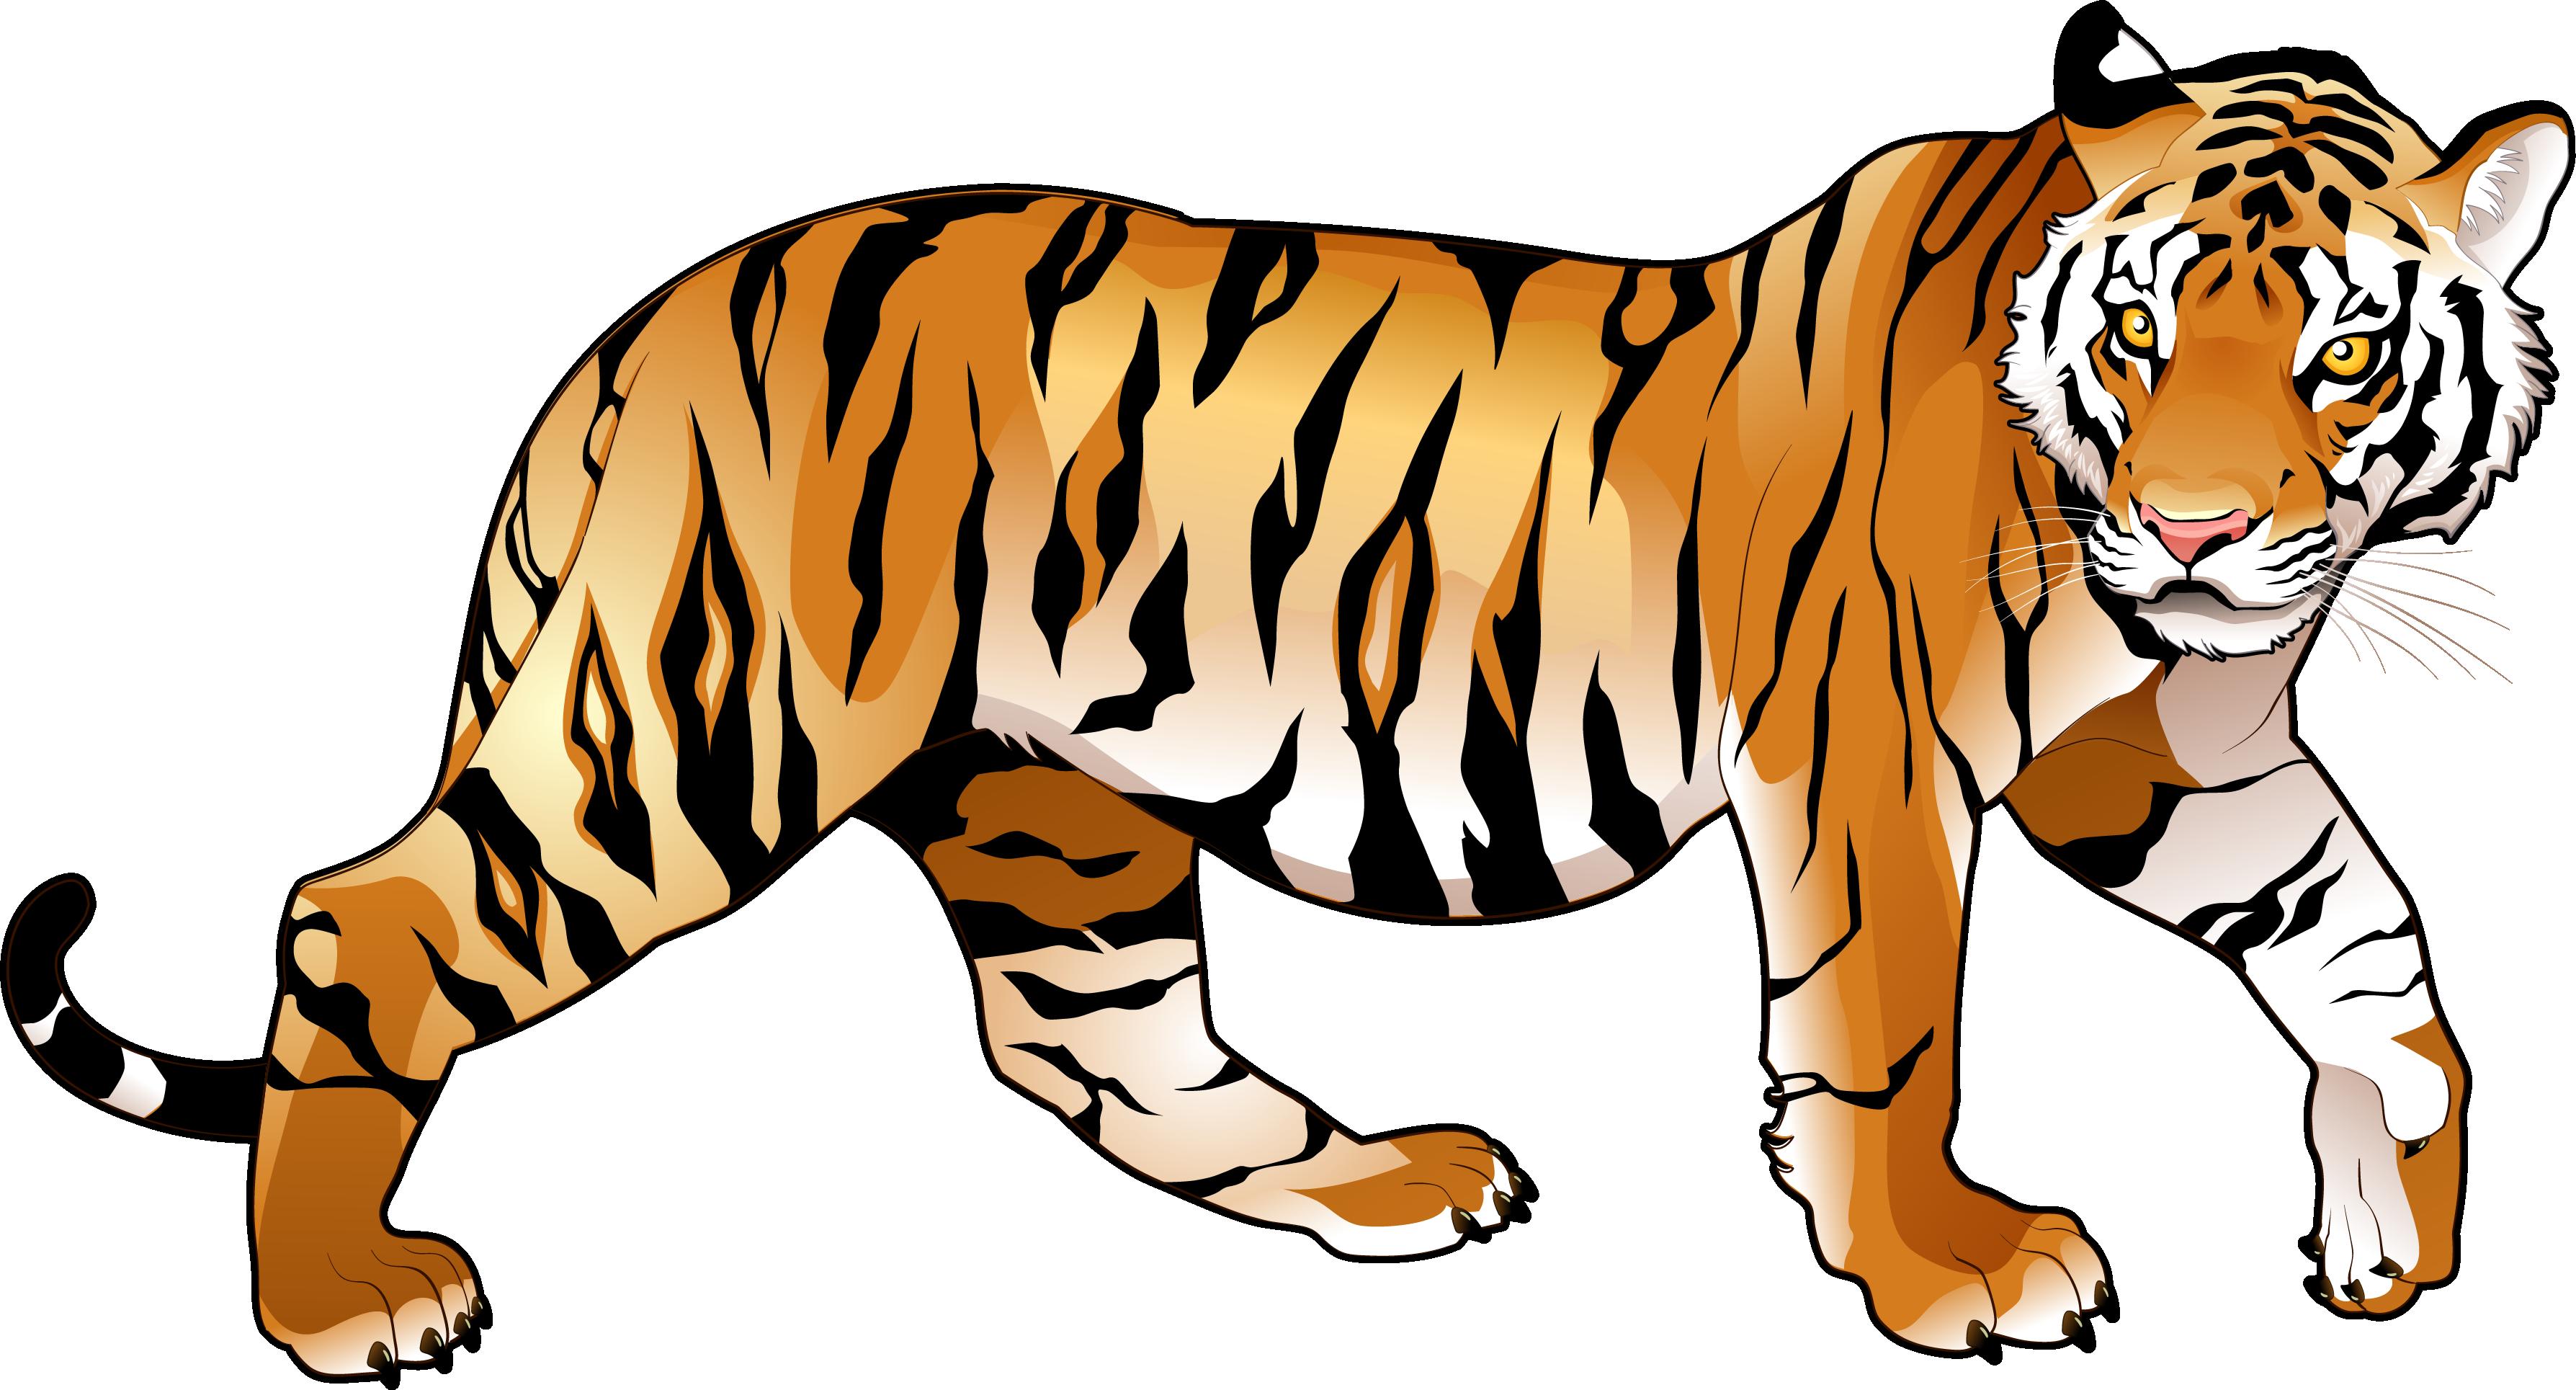 3576x1929 Tiger Clip Art Amp Tiger Clipart Images